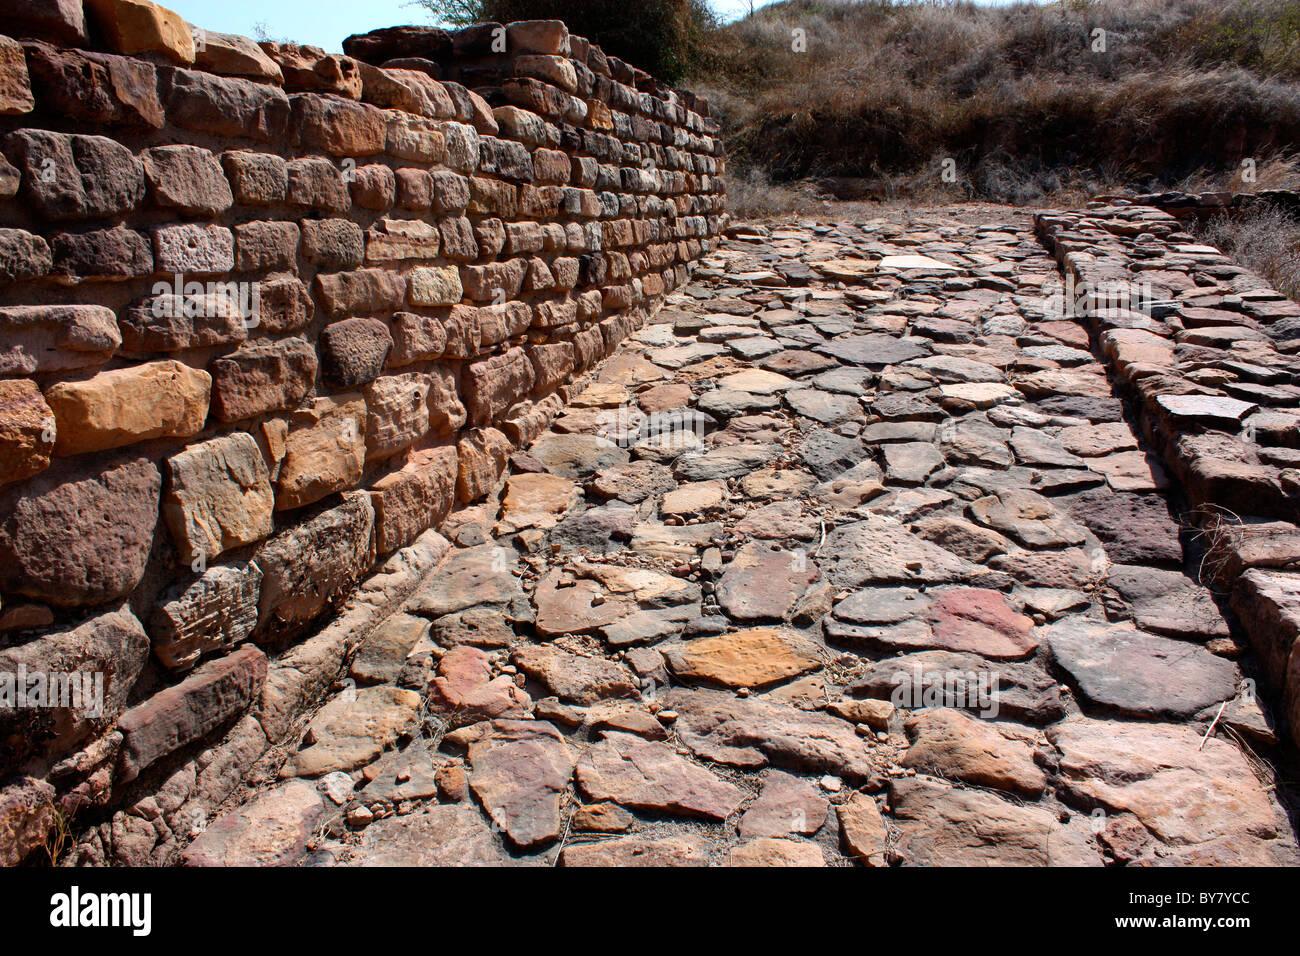 Road and brick wall of  ancient city-Ruins of Harappa civilisation, Dholavira, Gujarat, India - Stock Image